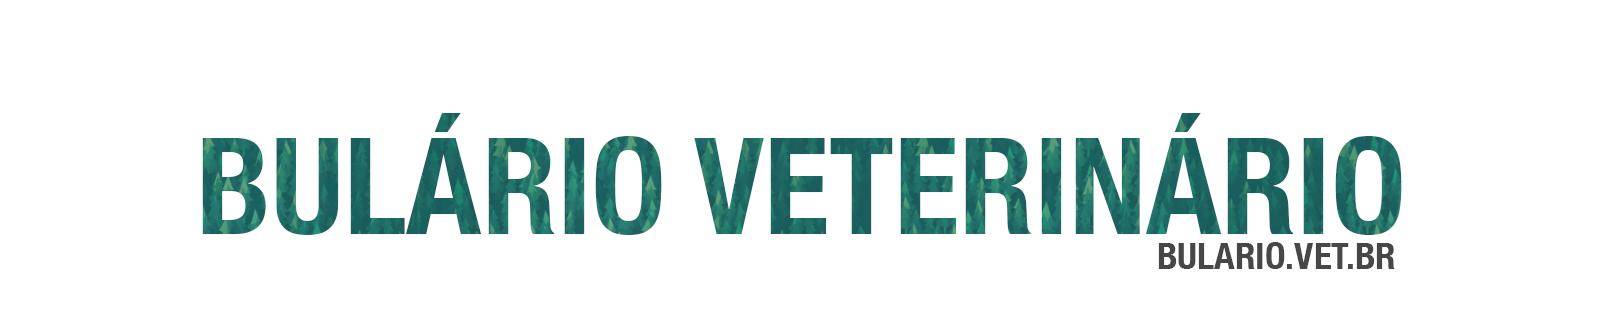 bulasvet-boolavet-bulario-veterinario-eletronico-digital-online